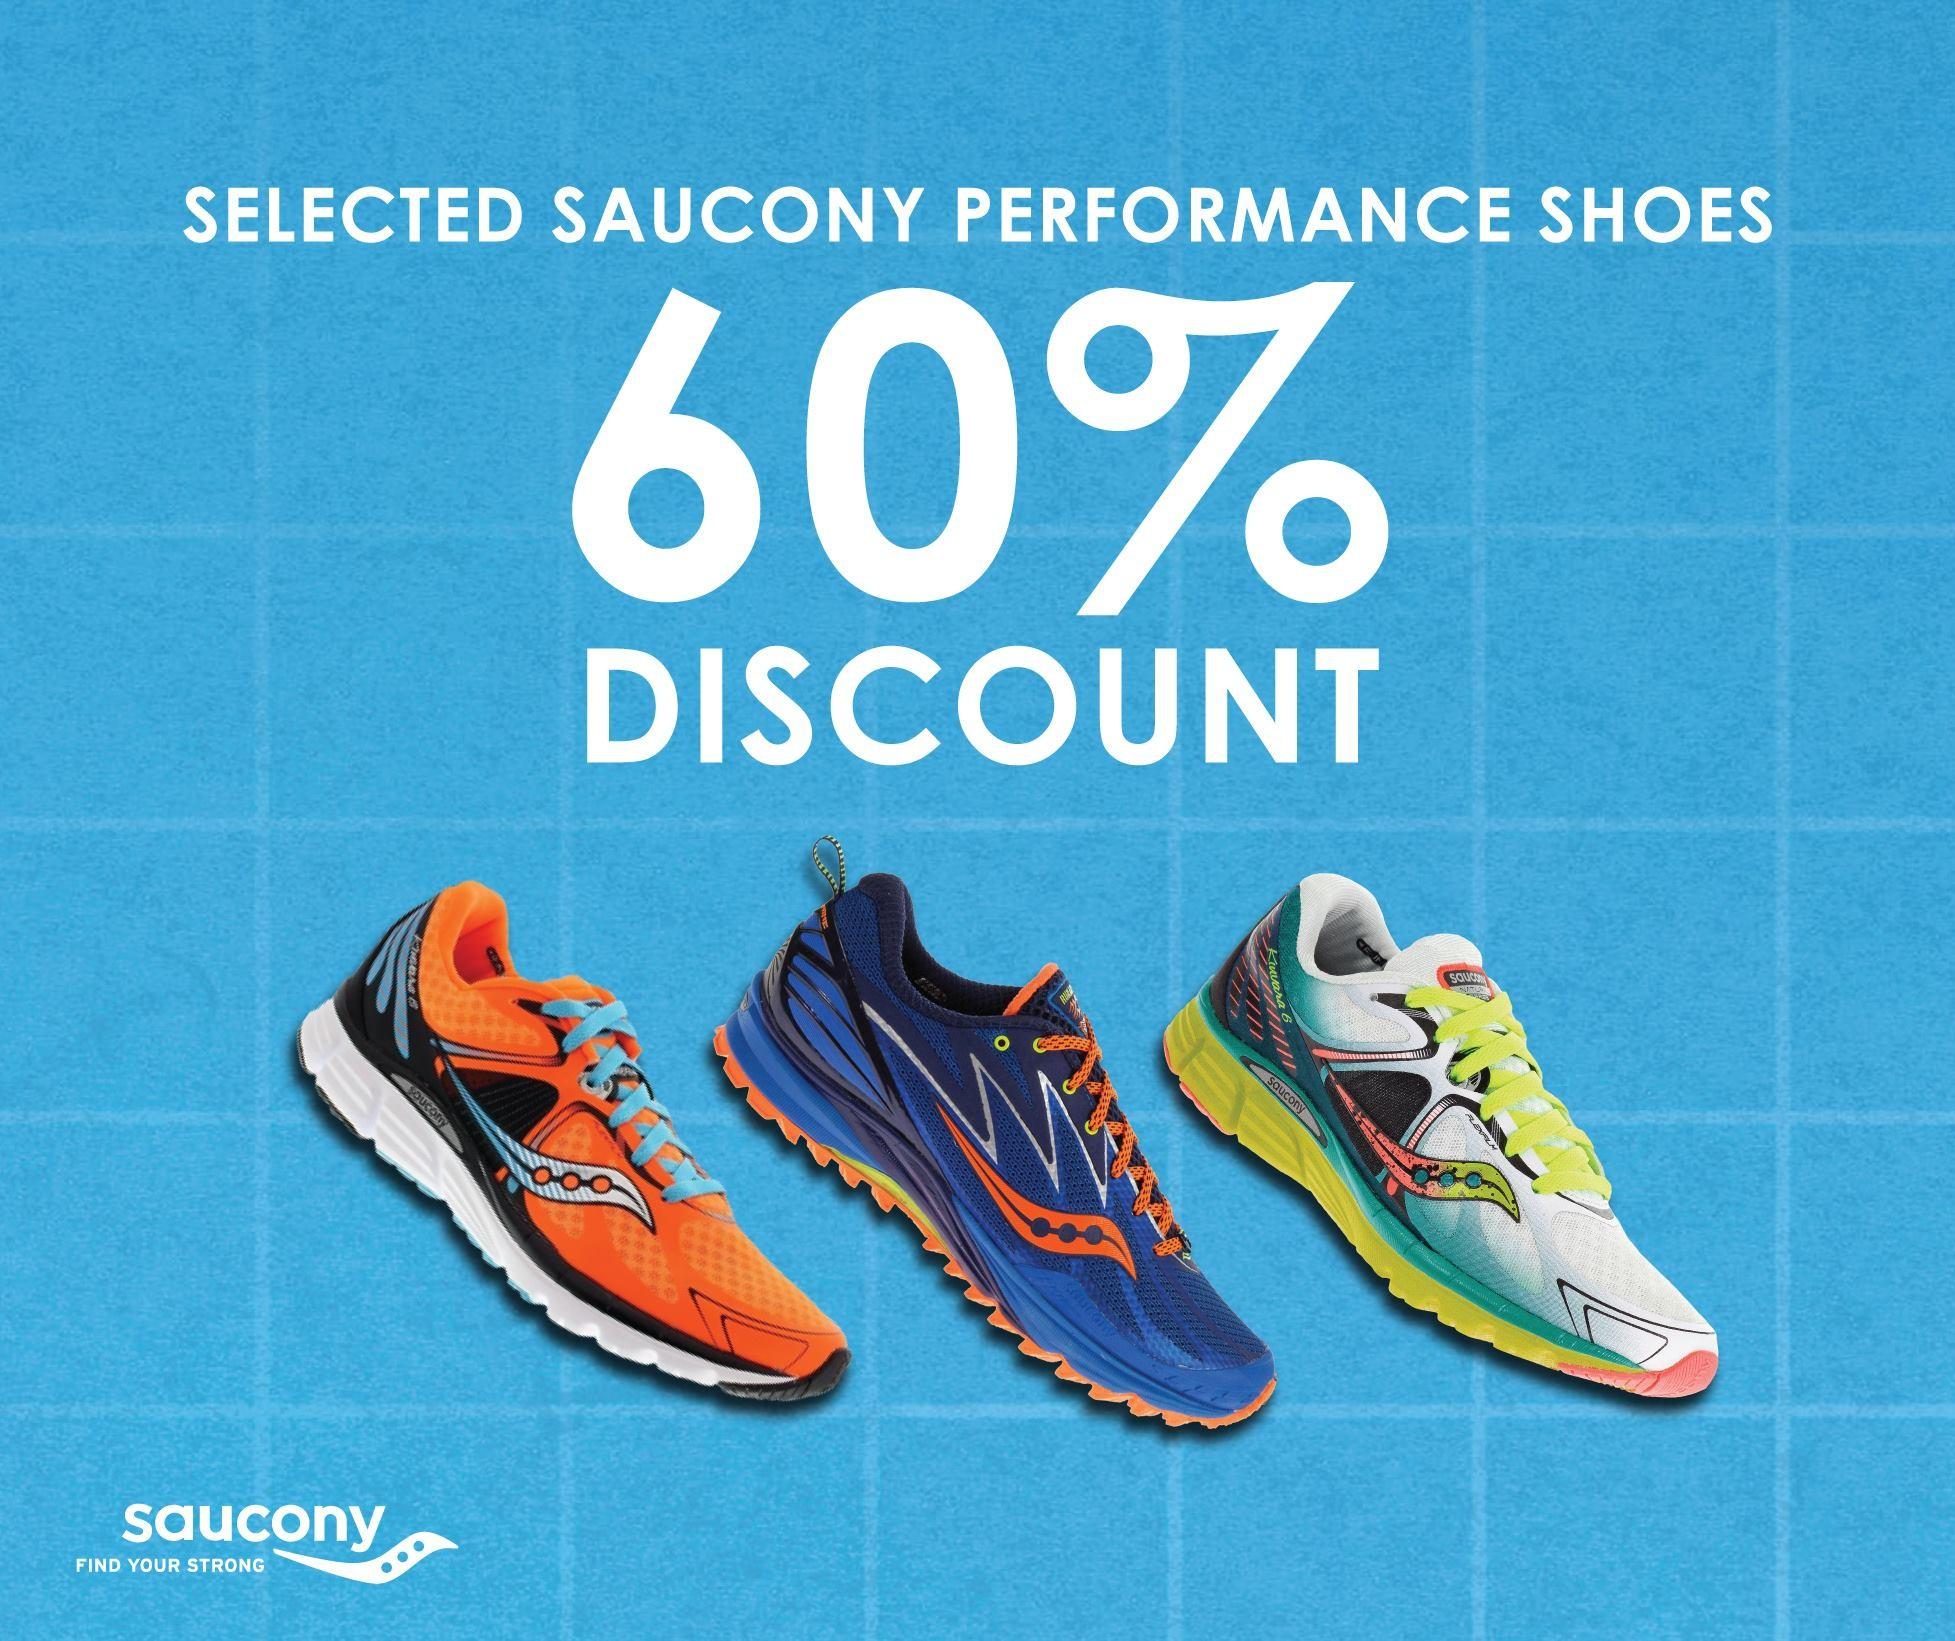 saucony promo